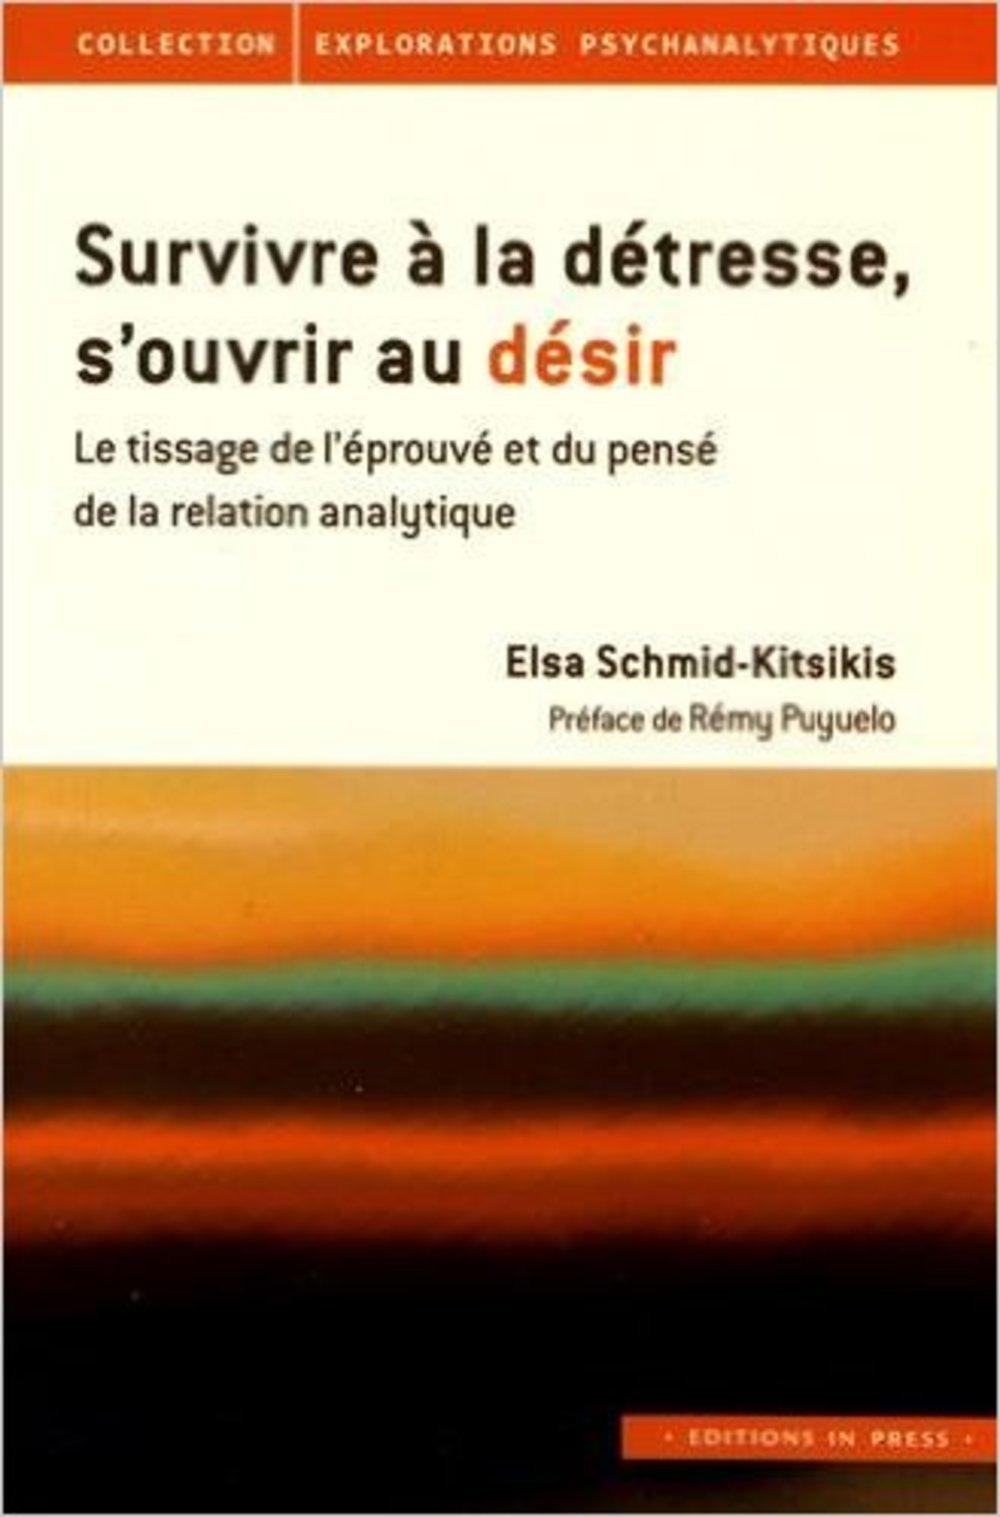 Schmid-Kitsikis, Survivre à la détresse, s'ouvrir au désir